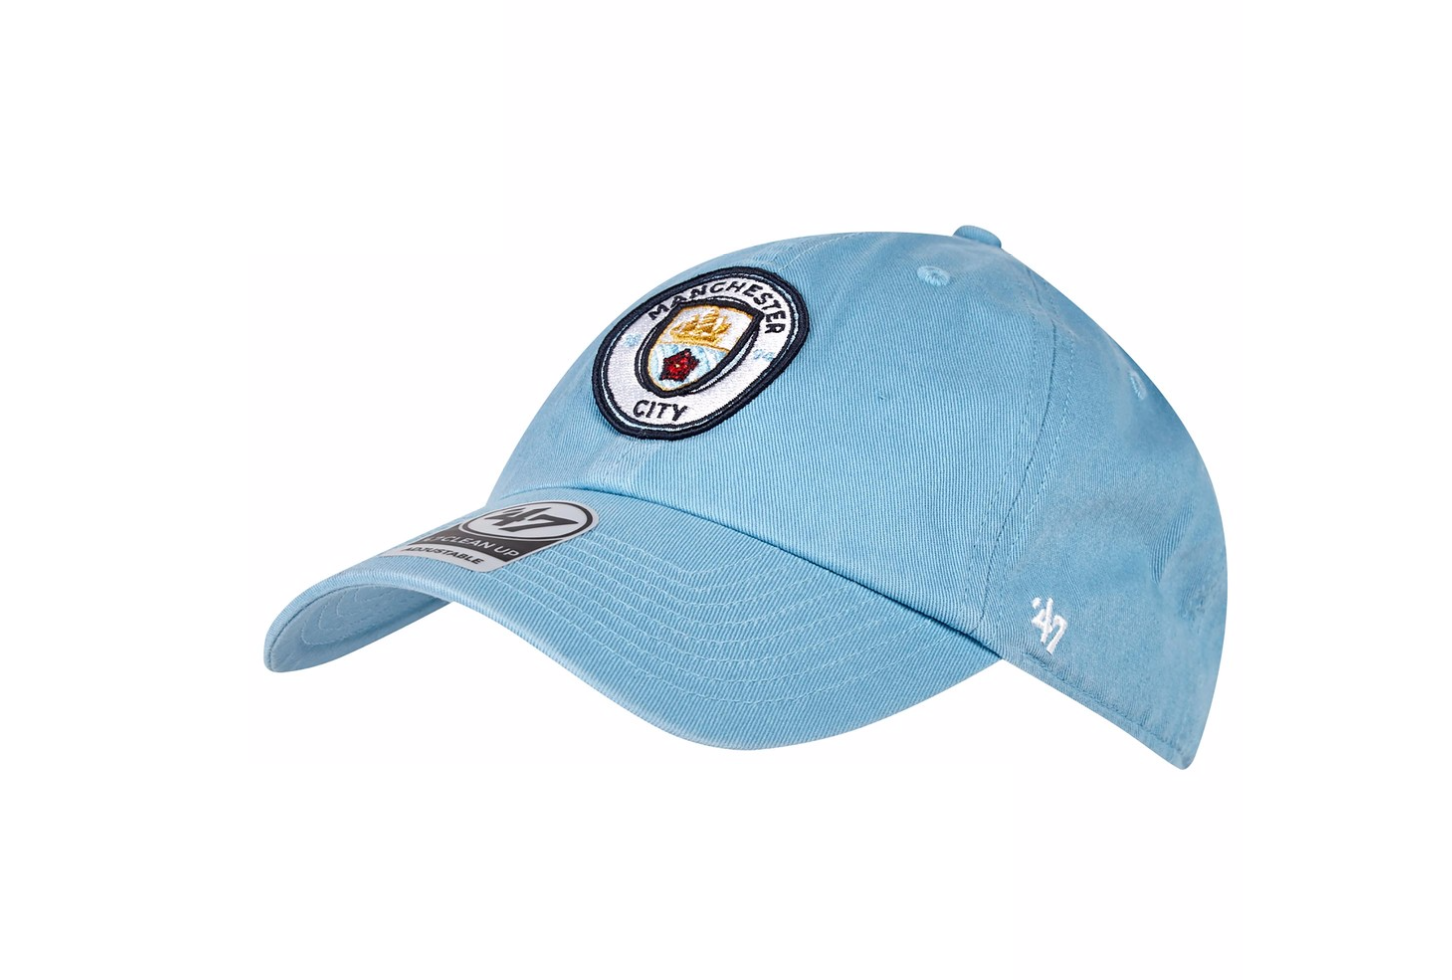 หมวกแมนเชสเตอร์ ซิตี้ 47 Rebound Cap Sky ของแท้